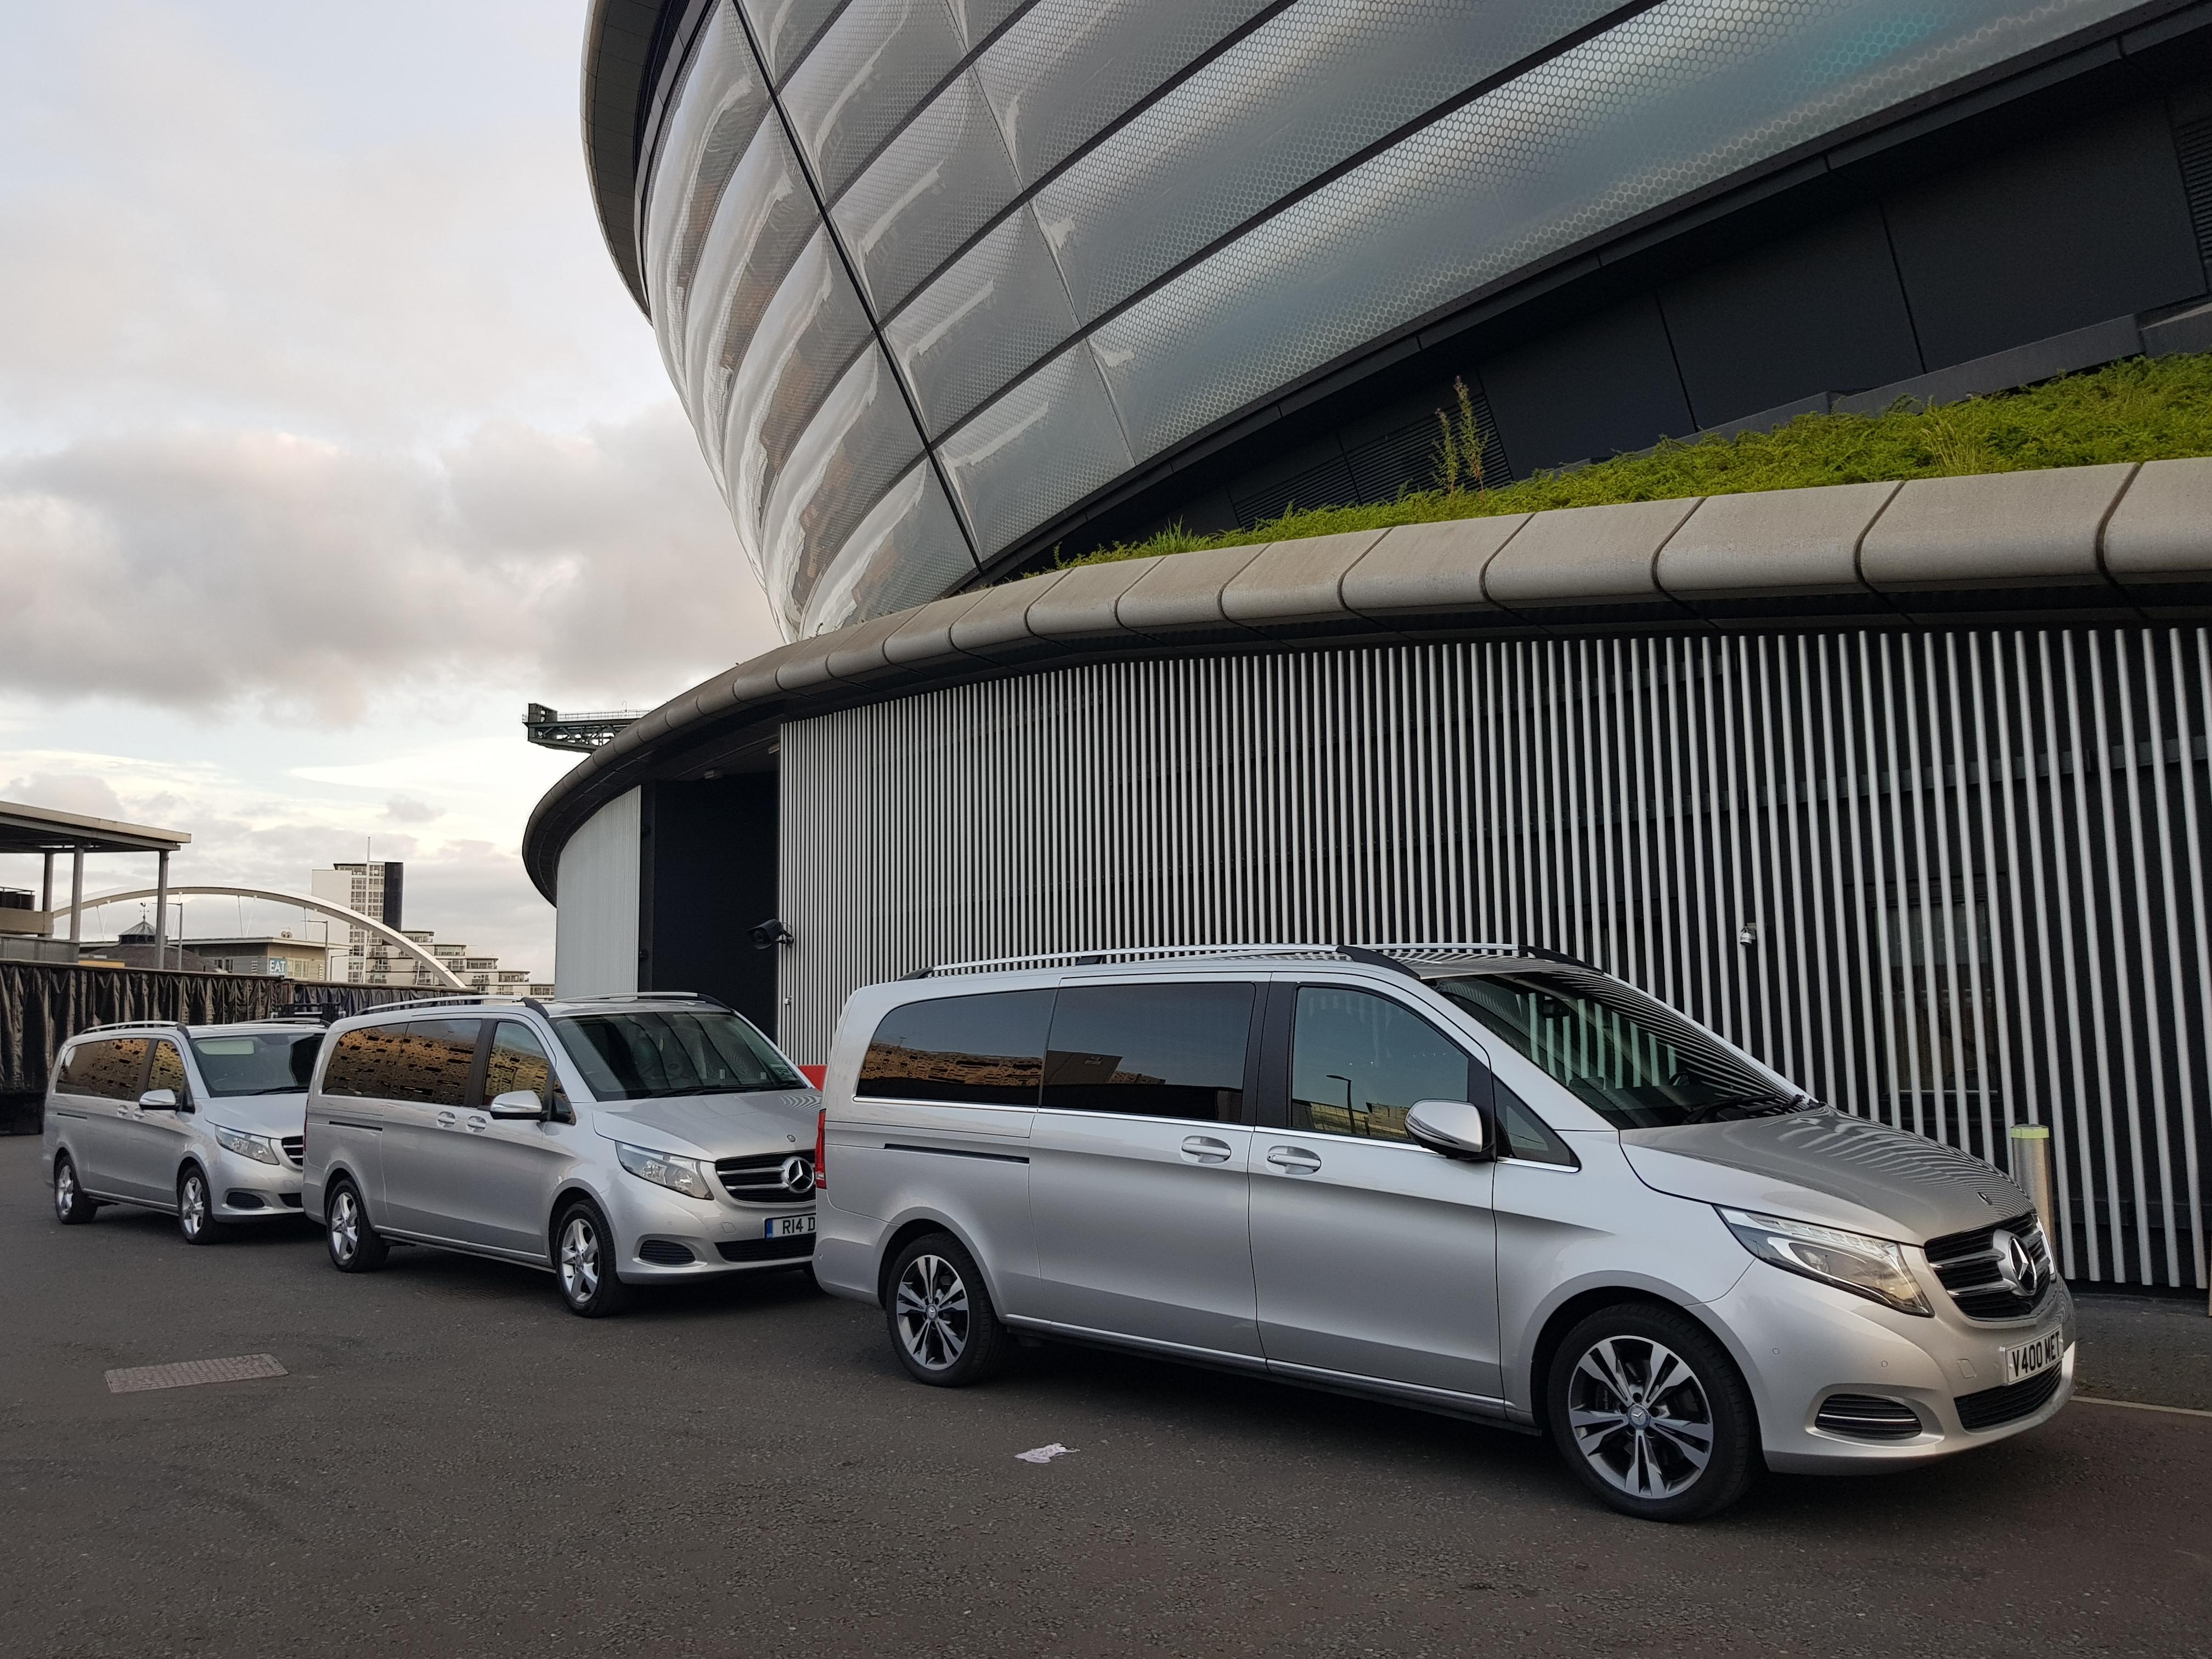 VIP & Artist transport